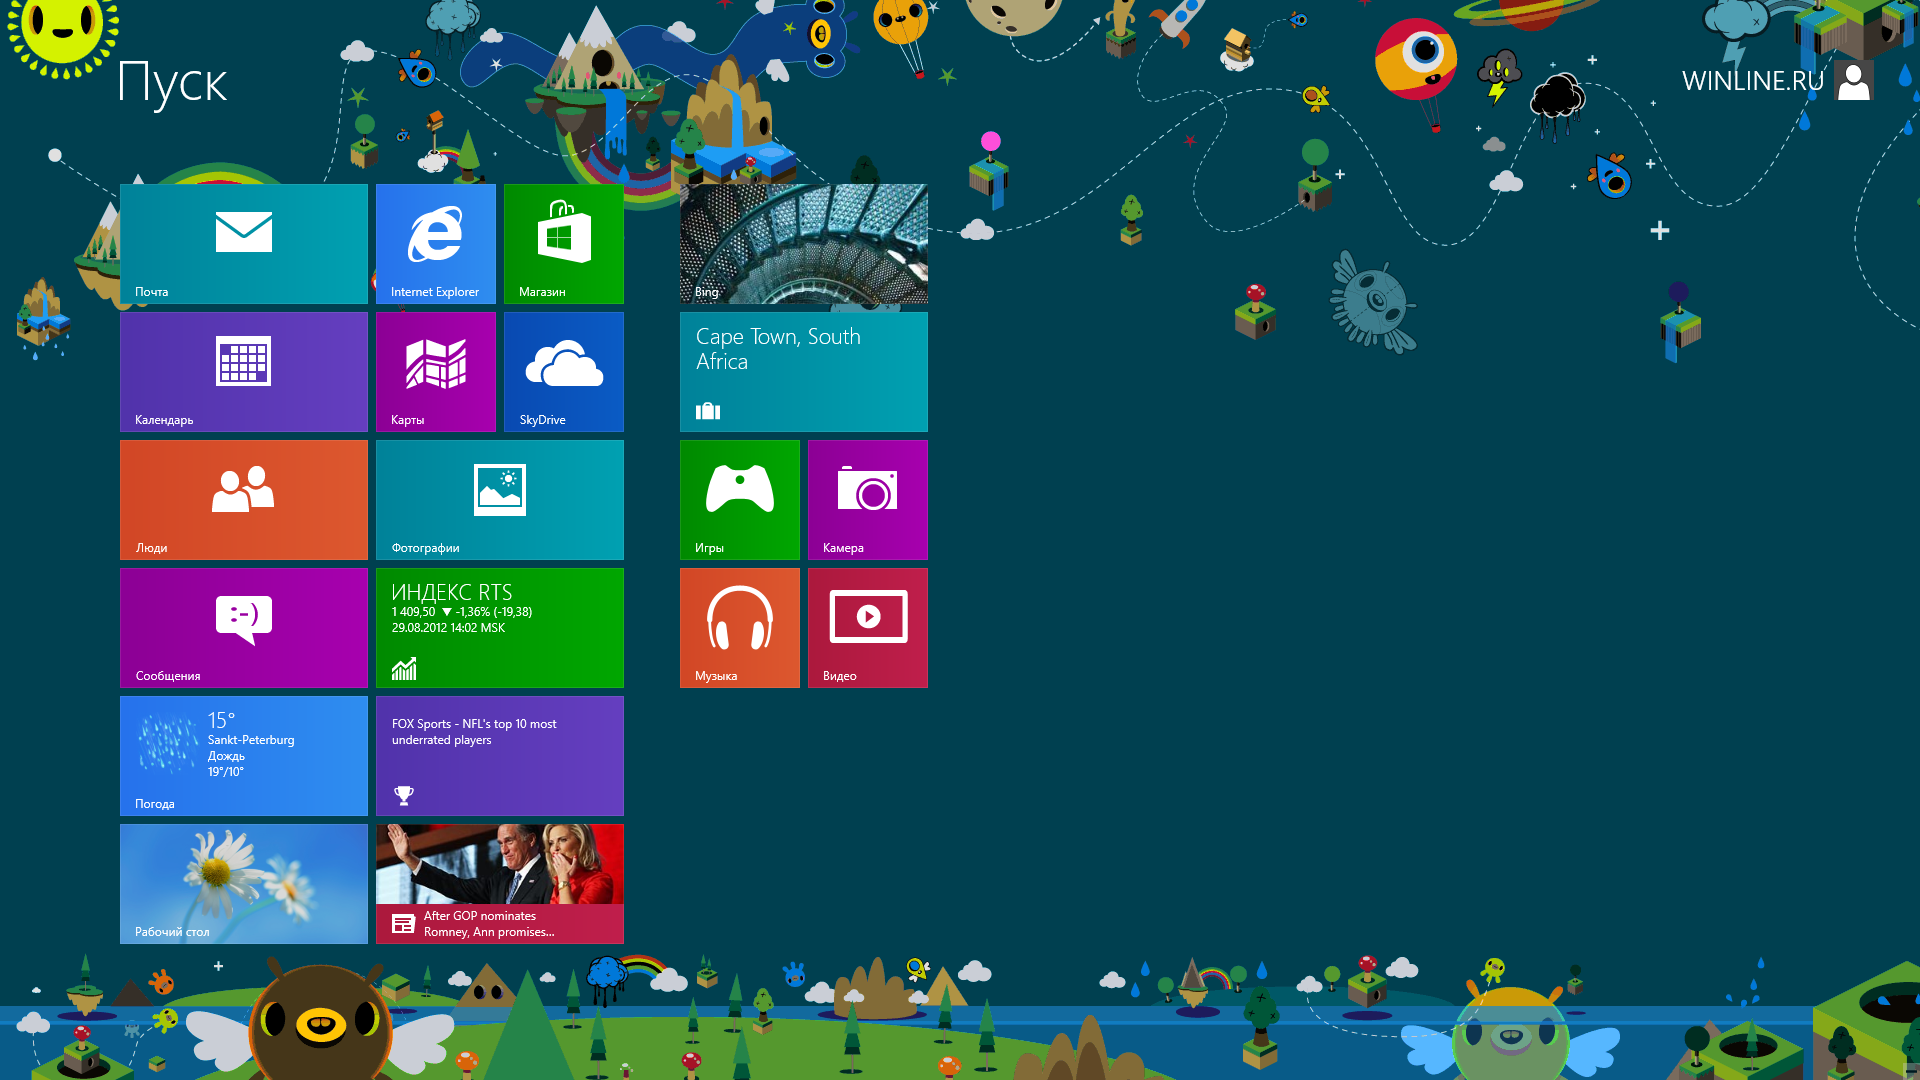 Как сделать кс на весь экран на ноутбуке на виндовс 10